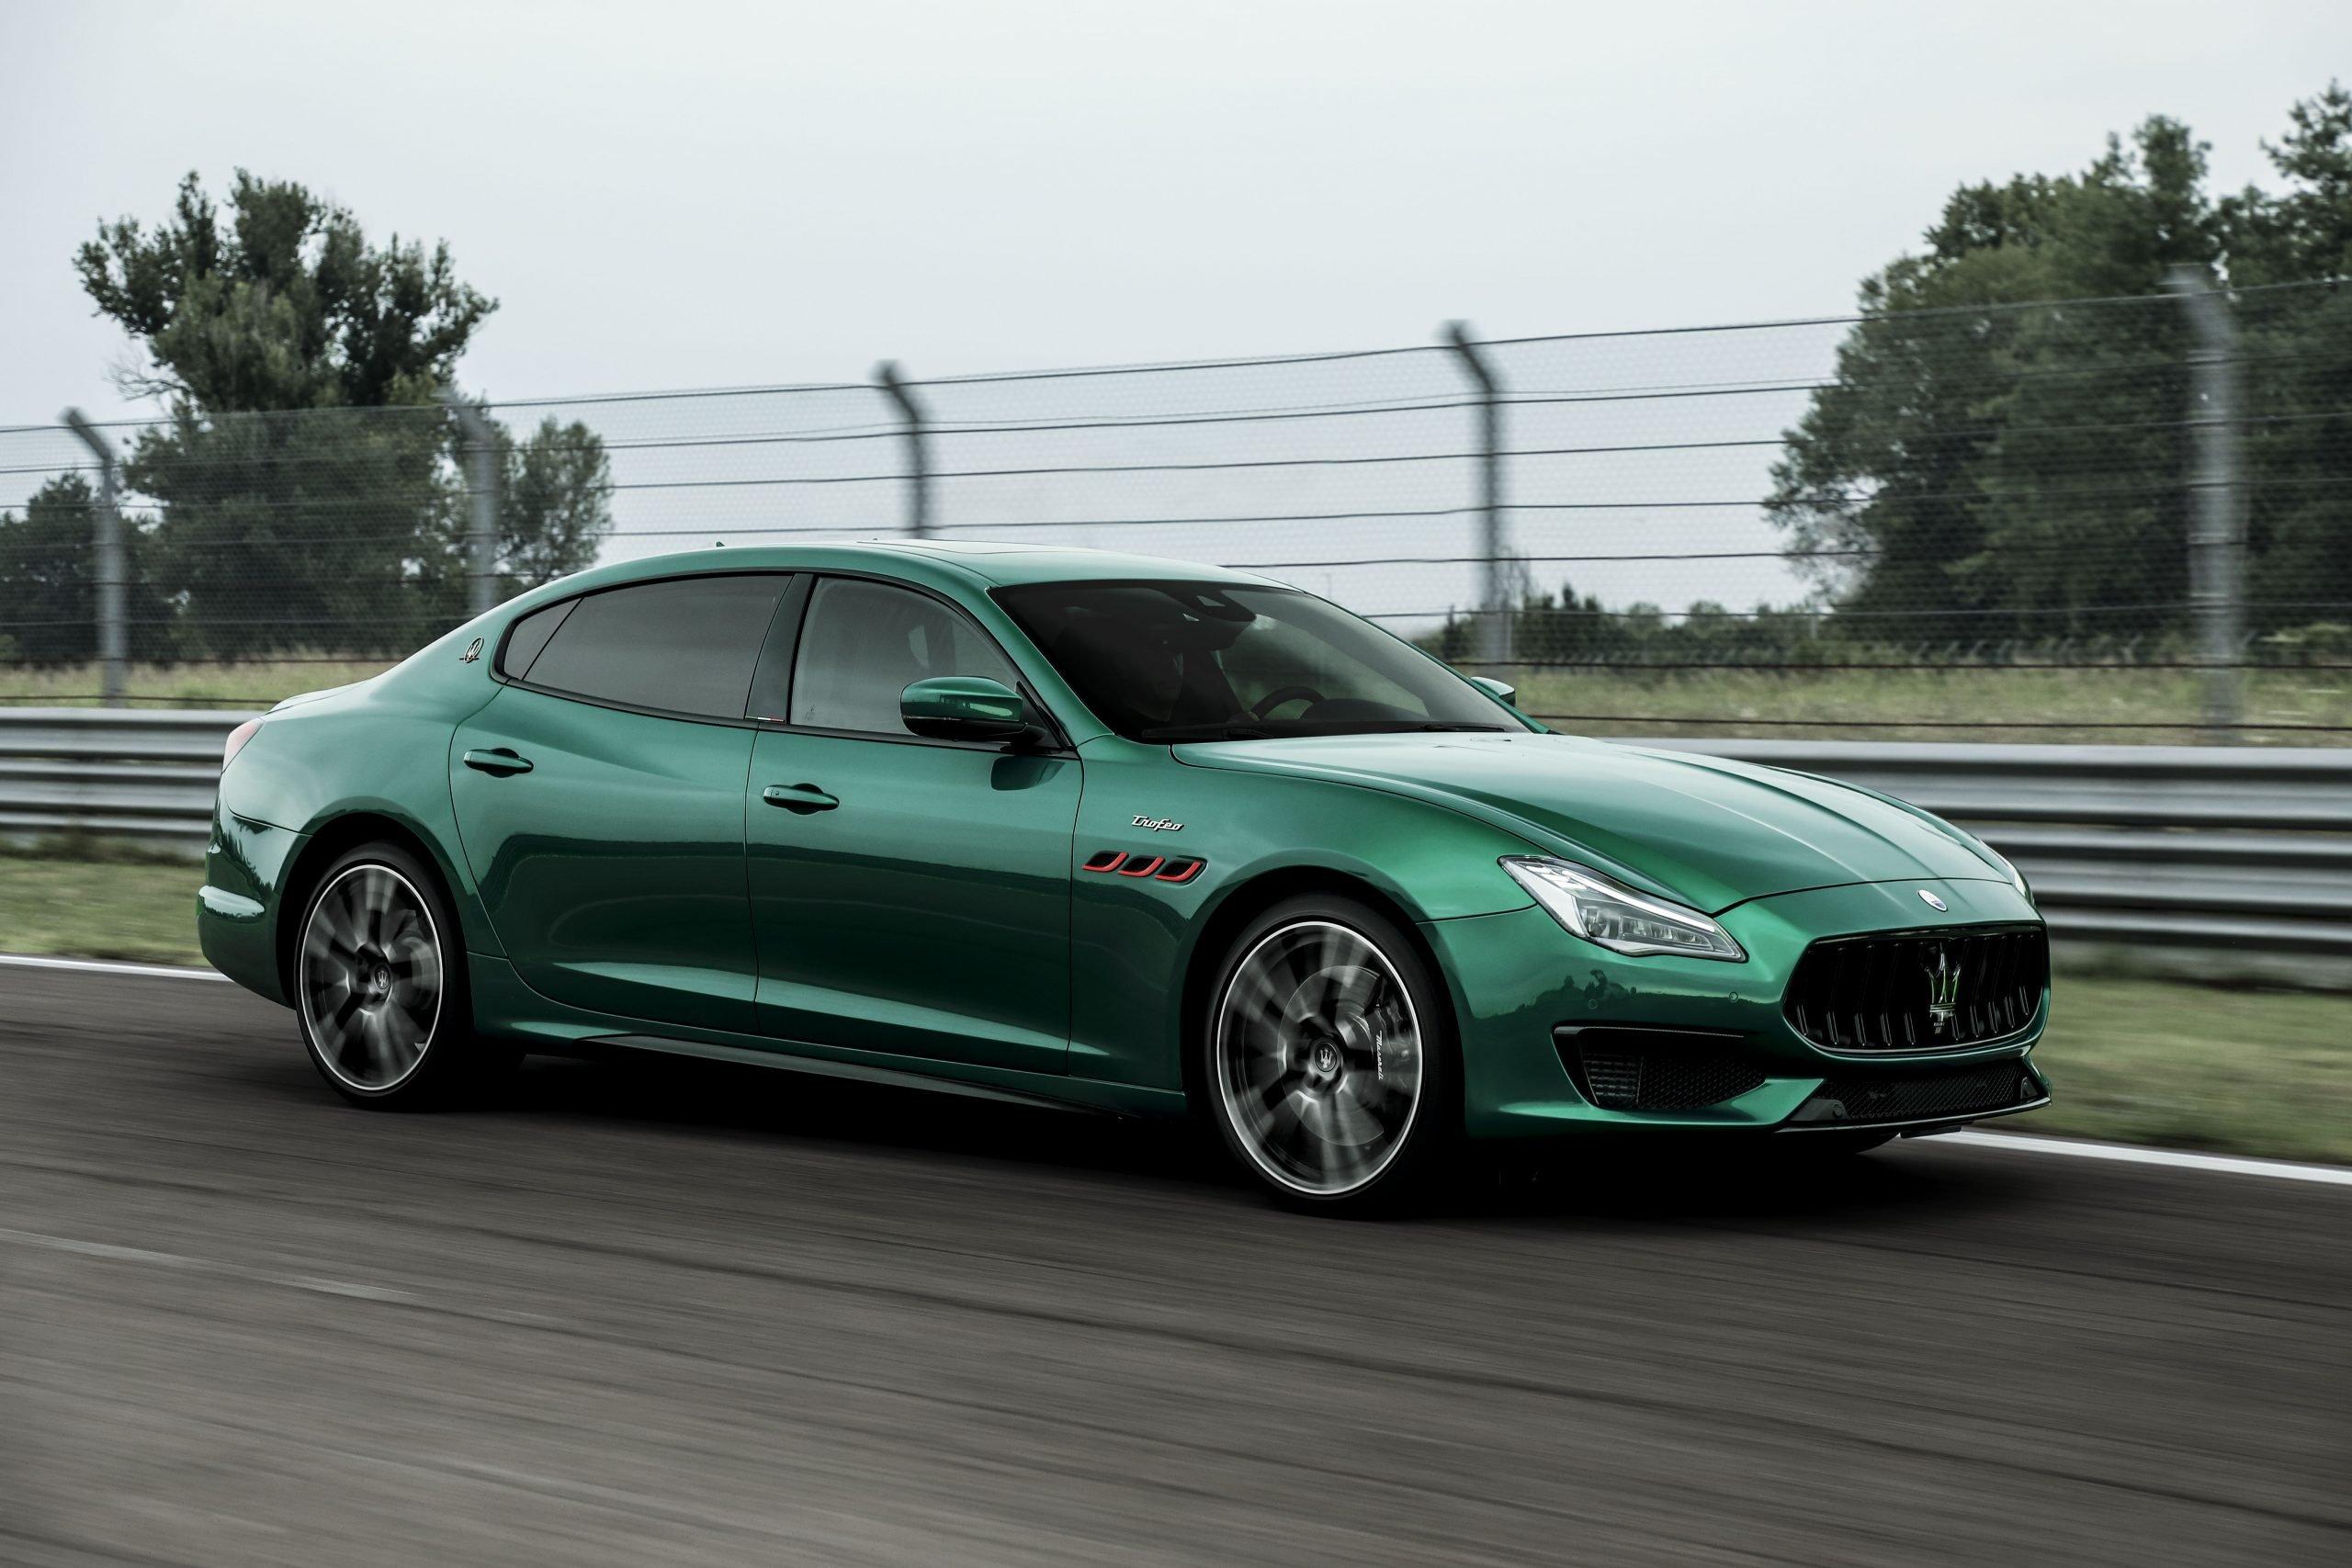 Fastest Four-Door Cars - 2021 Maserati Quattroporte Trofeo